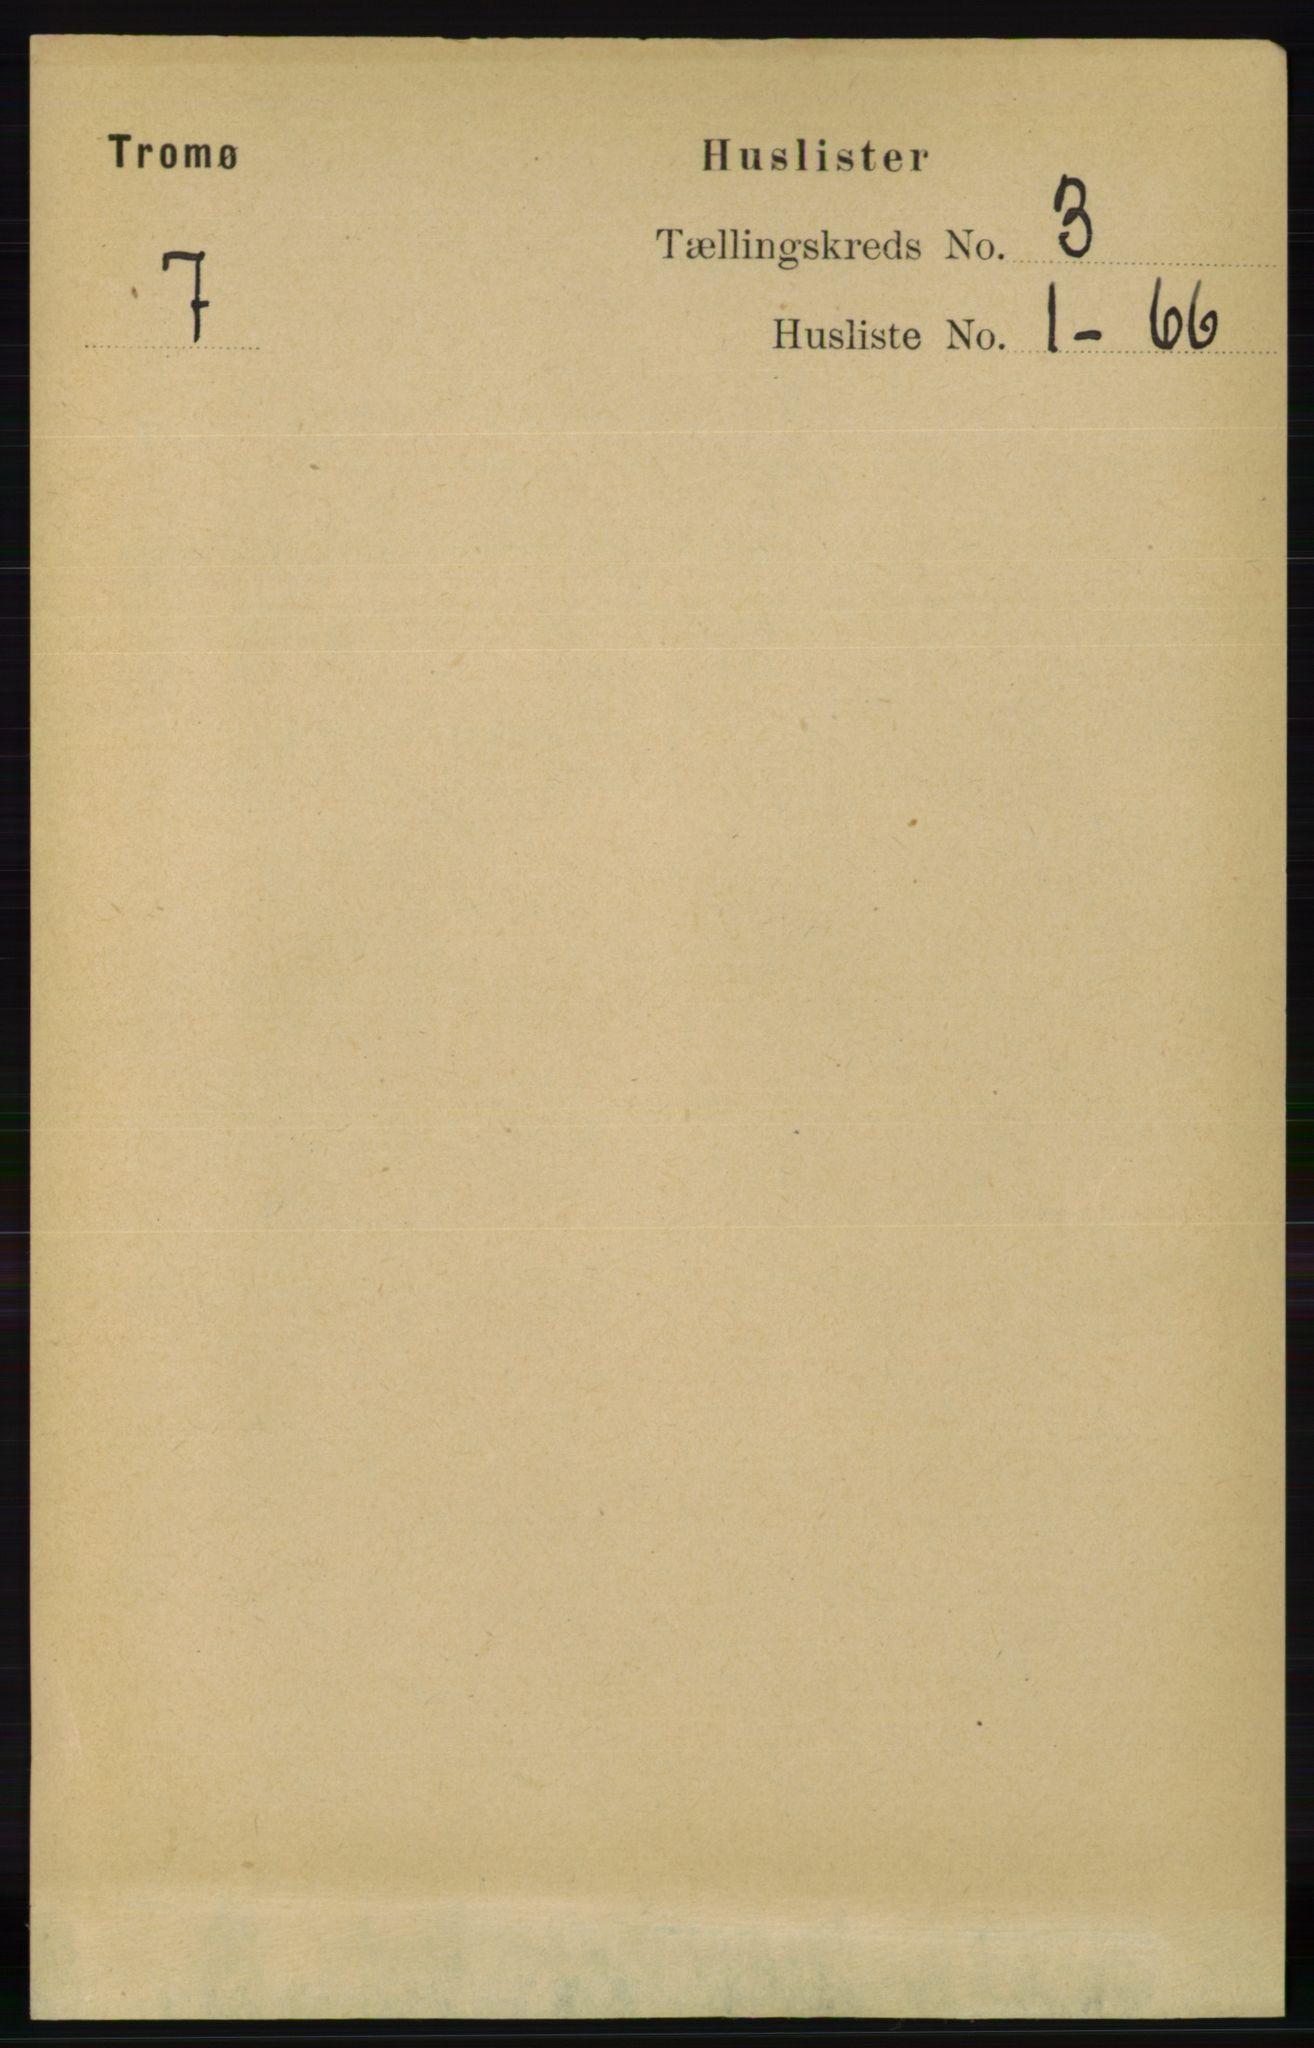 RA, Folketelling 1891 for 0921 Tromøy herred, 1891, s. 890